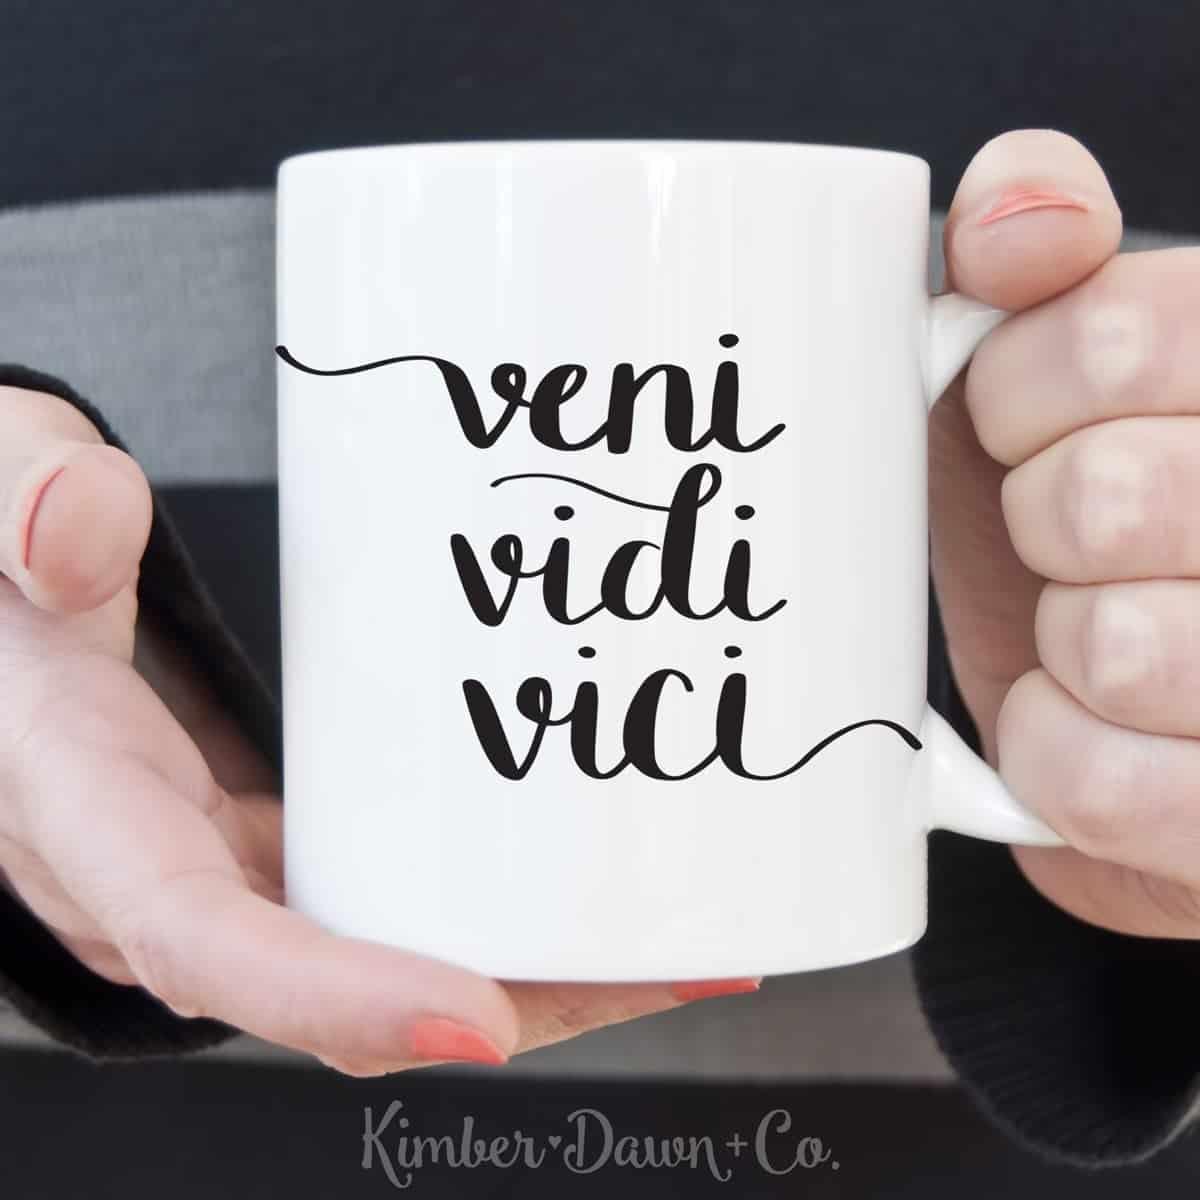 Veni Vidi Vici - Free Cut File for Silhouette CAMEO + Cricut crafts